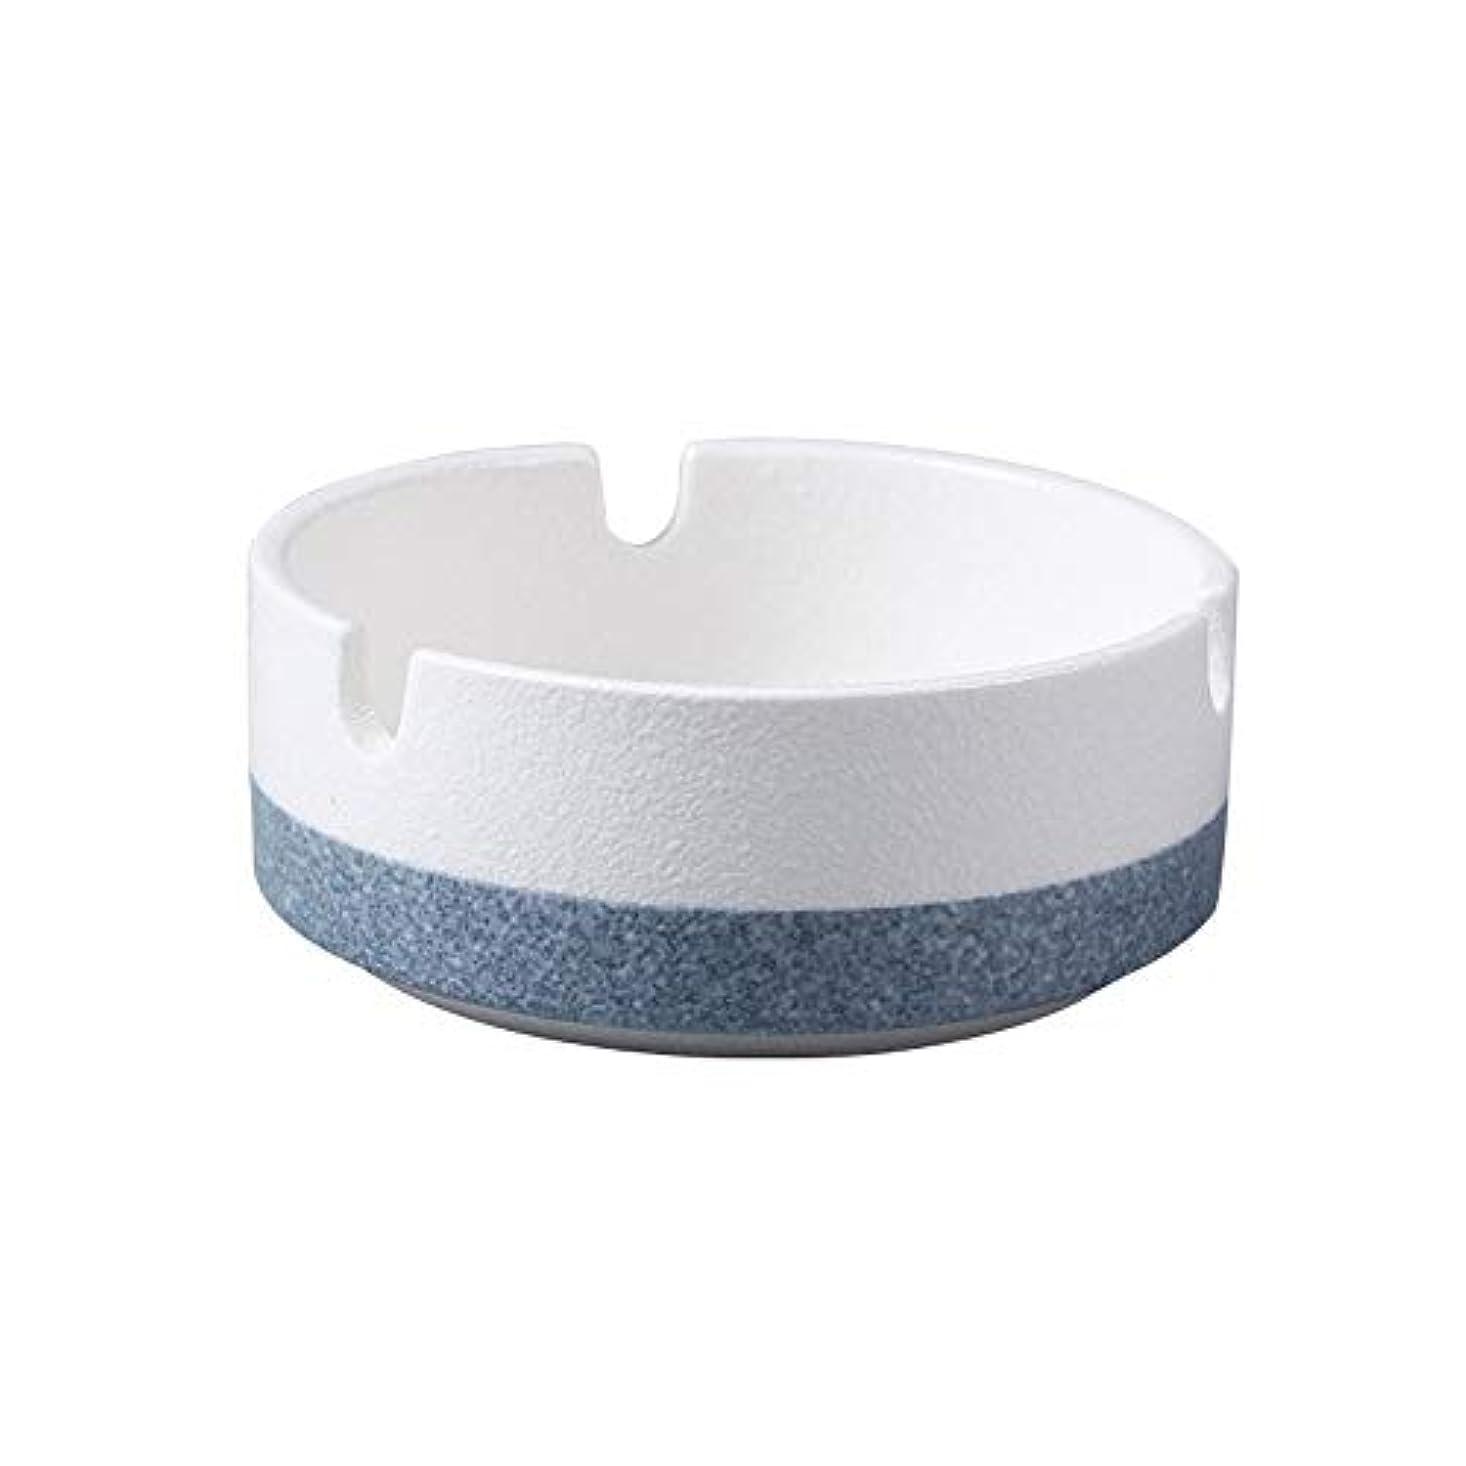 耳保育園母音たばこ、贈り物、ホームオフィス用の丸い光沢のある灰皿(白)